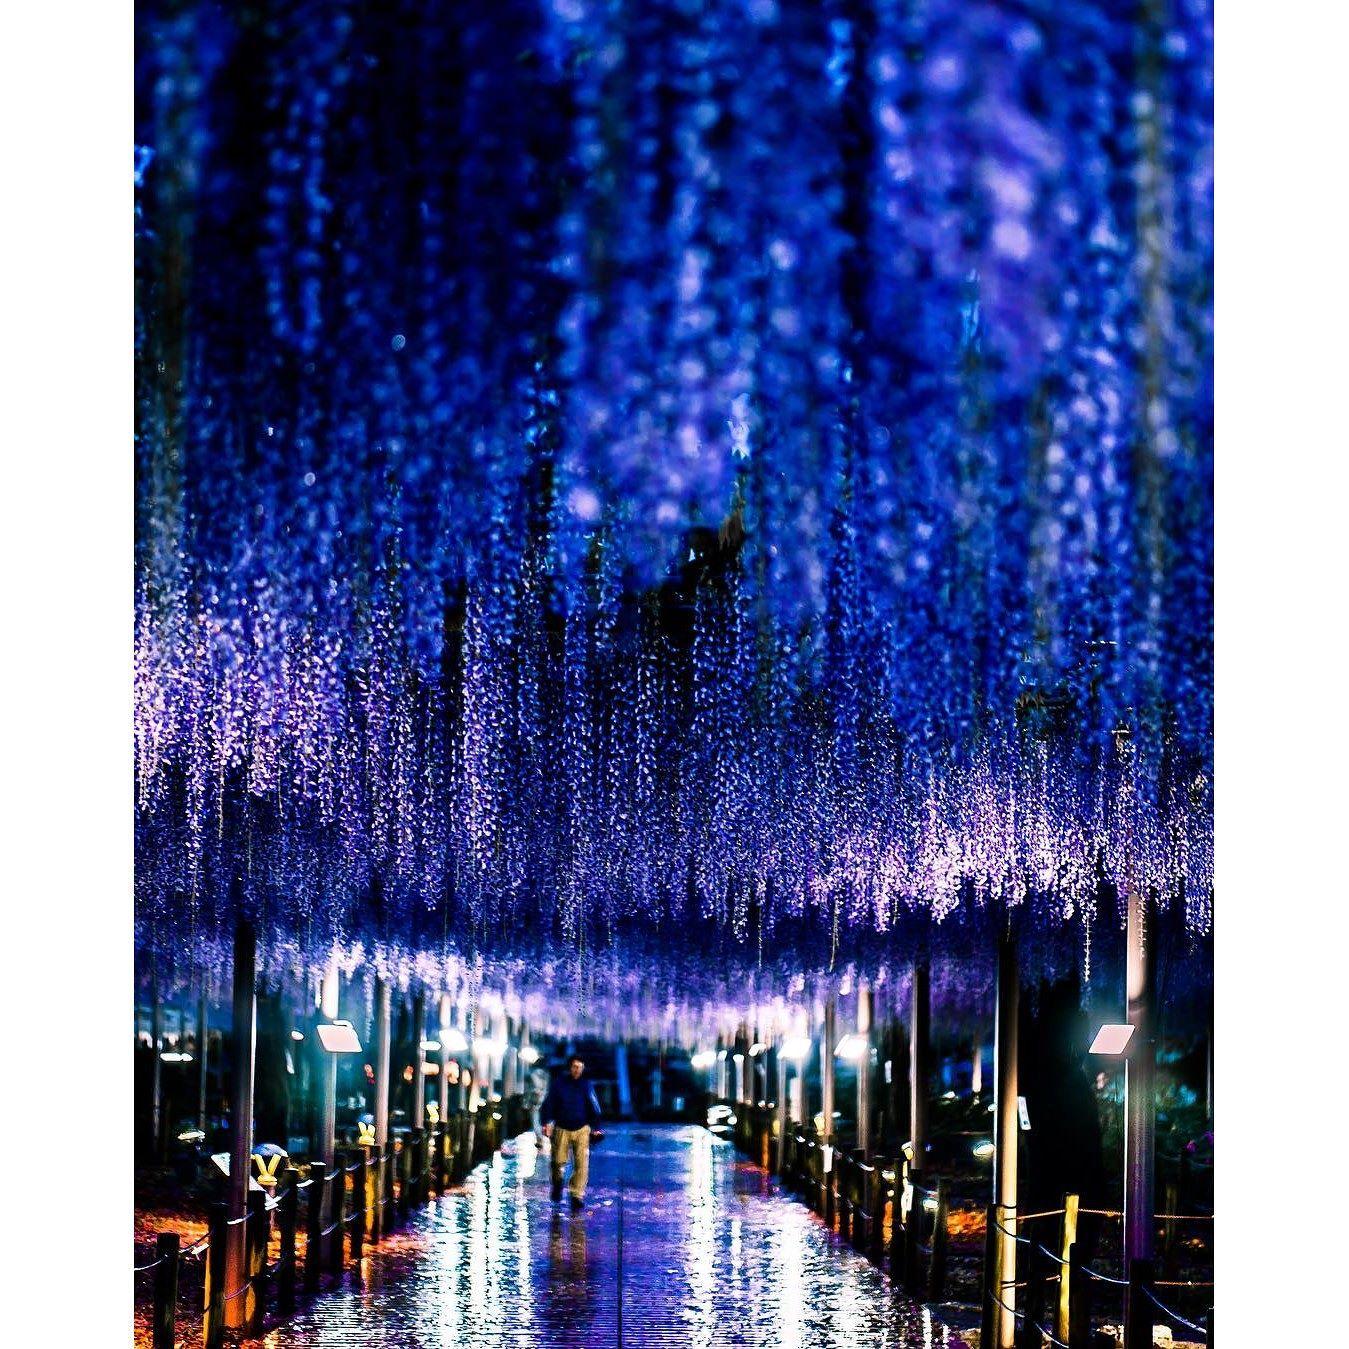 Purple Rain Wisteria, 東京カメラ部 Editor's Choice:hayabusa_tetsuya